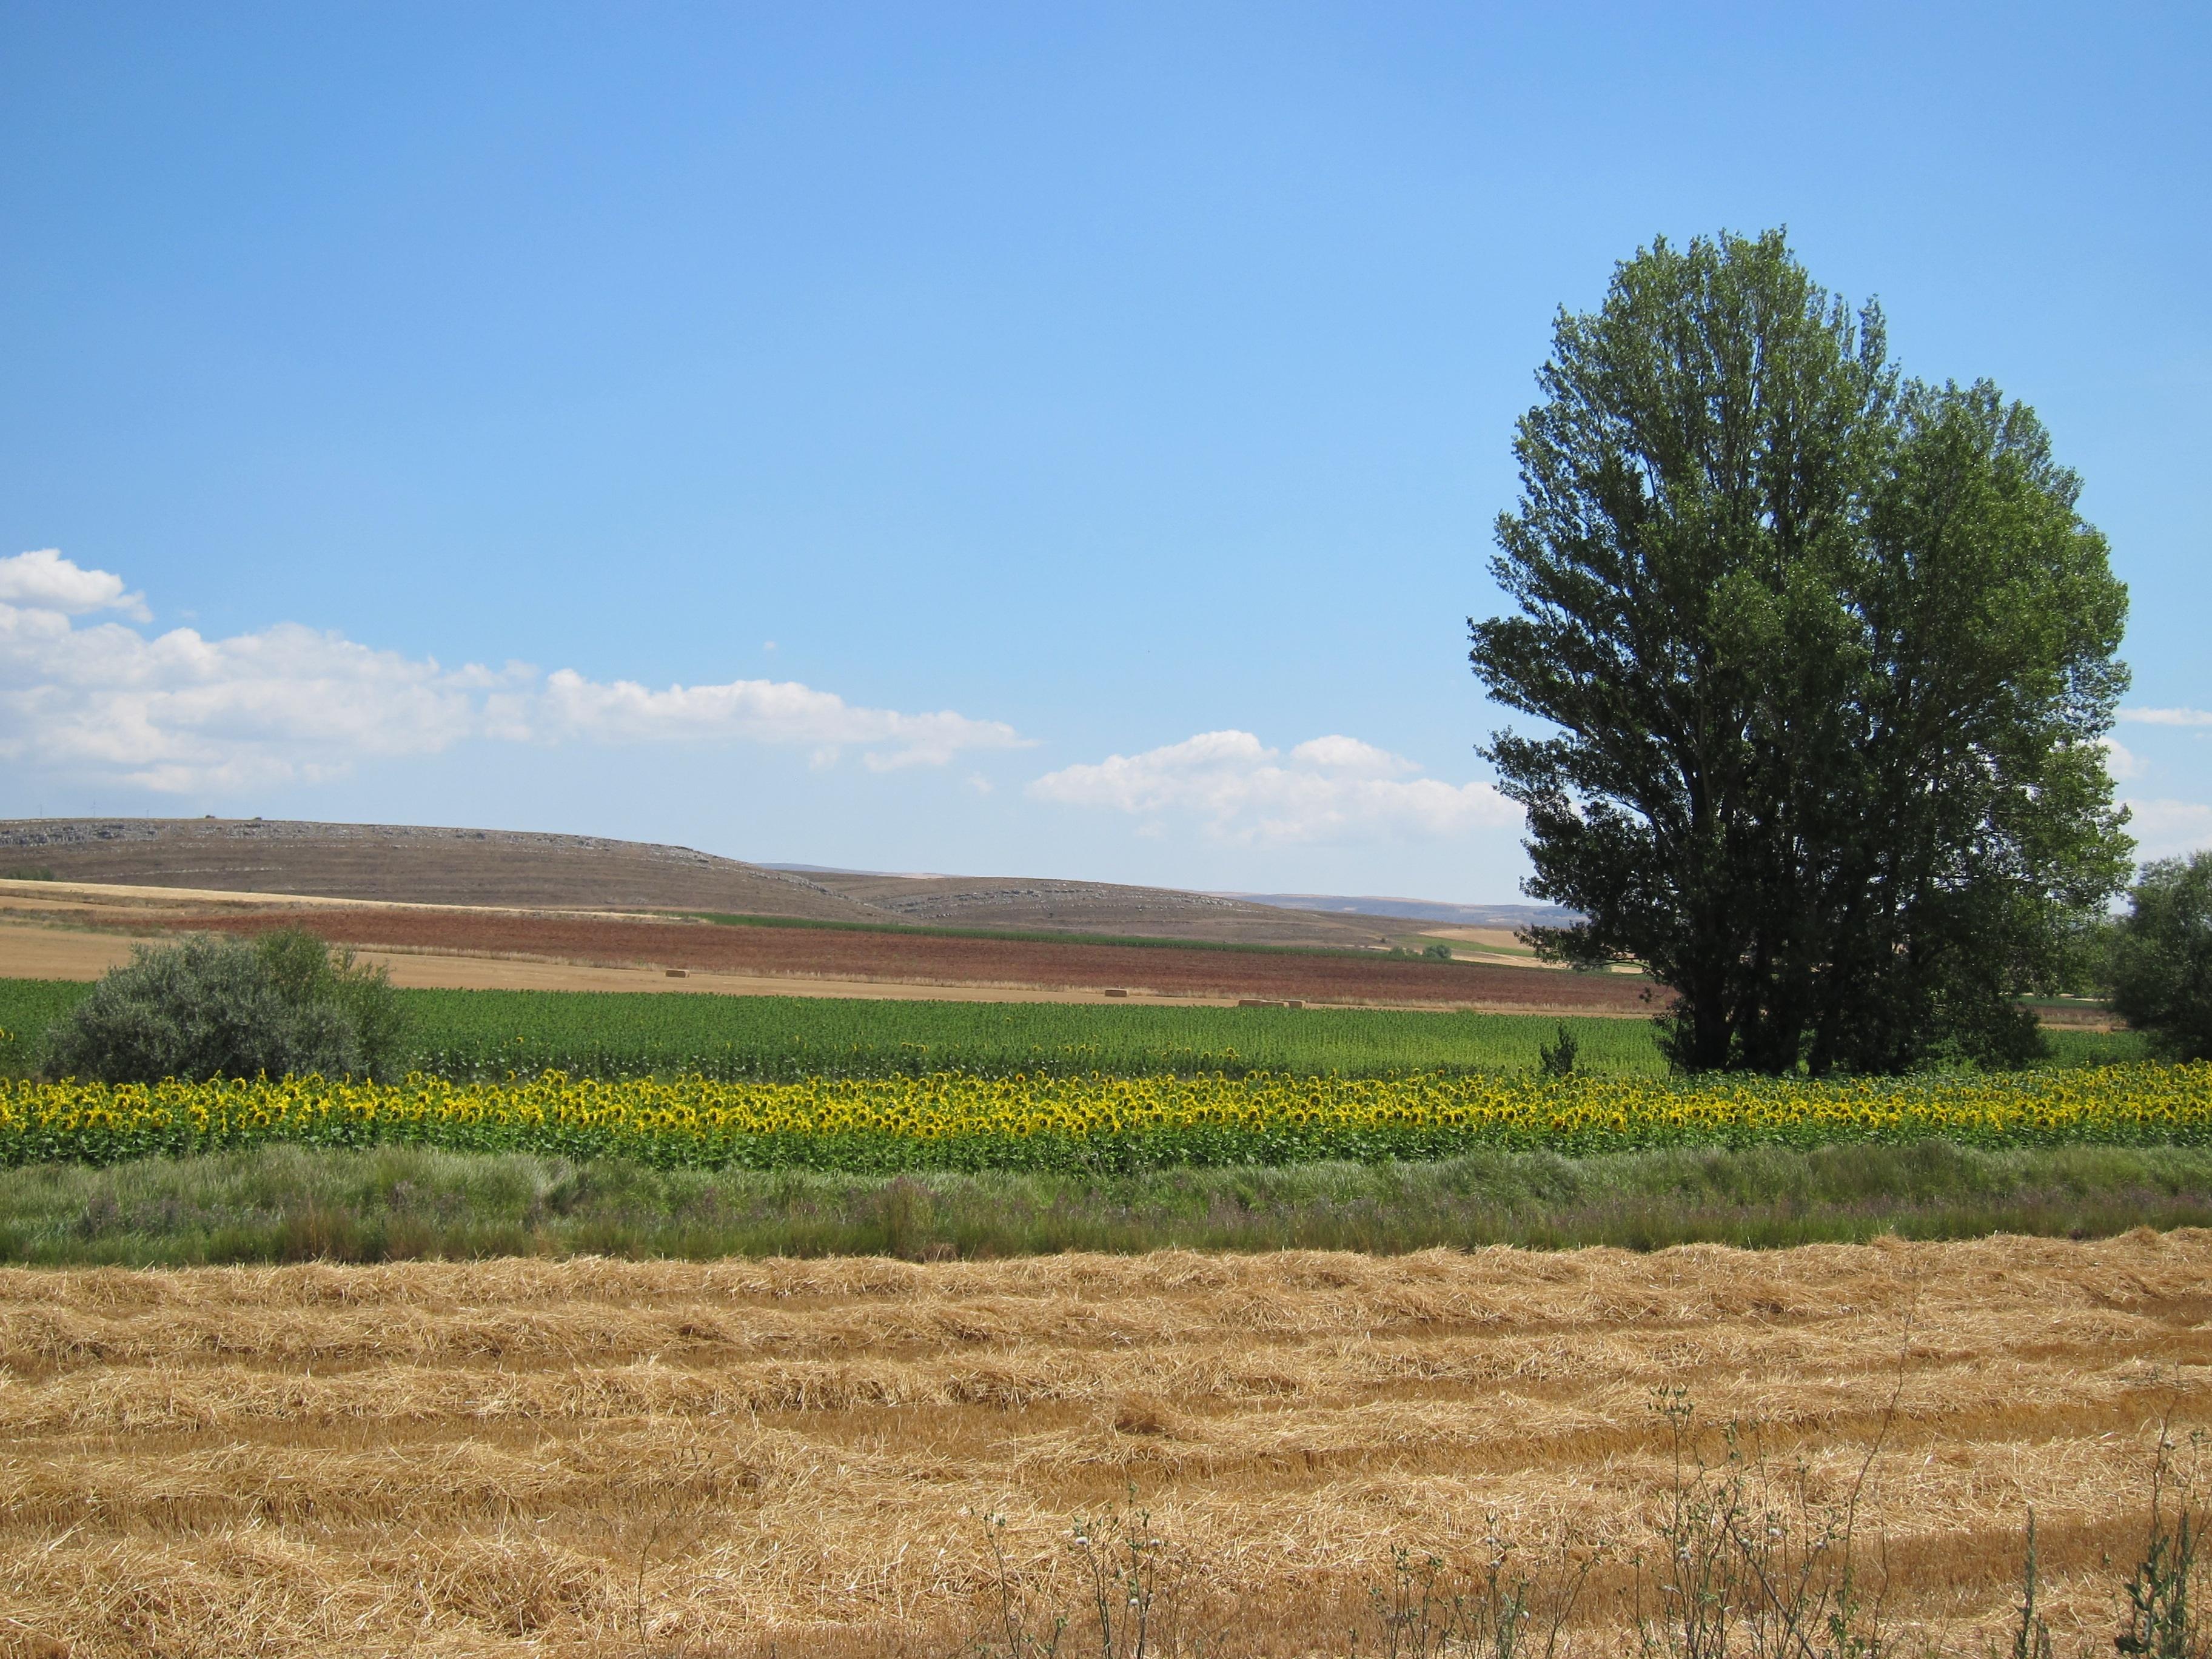 Unió de Pagesos pide al Govern mejorar la renta agraria tras caer un 43% desde 2001